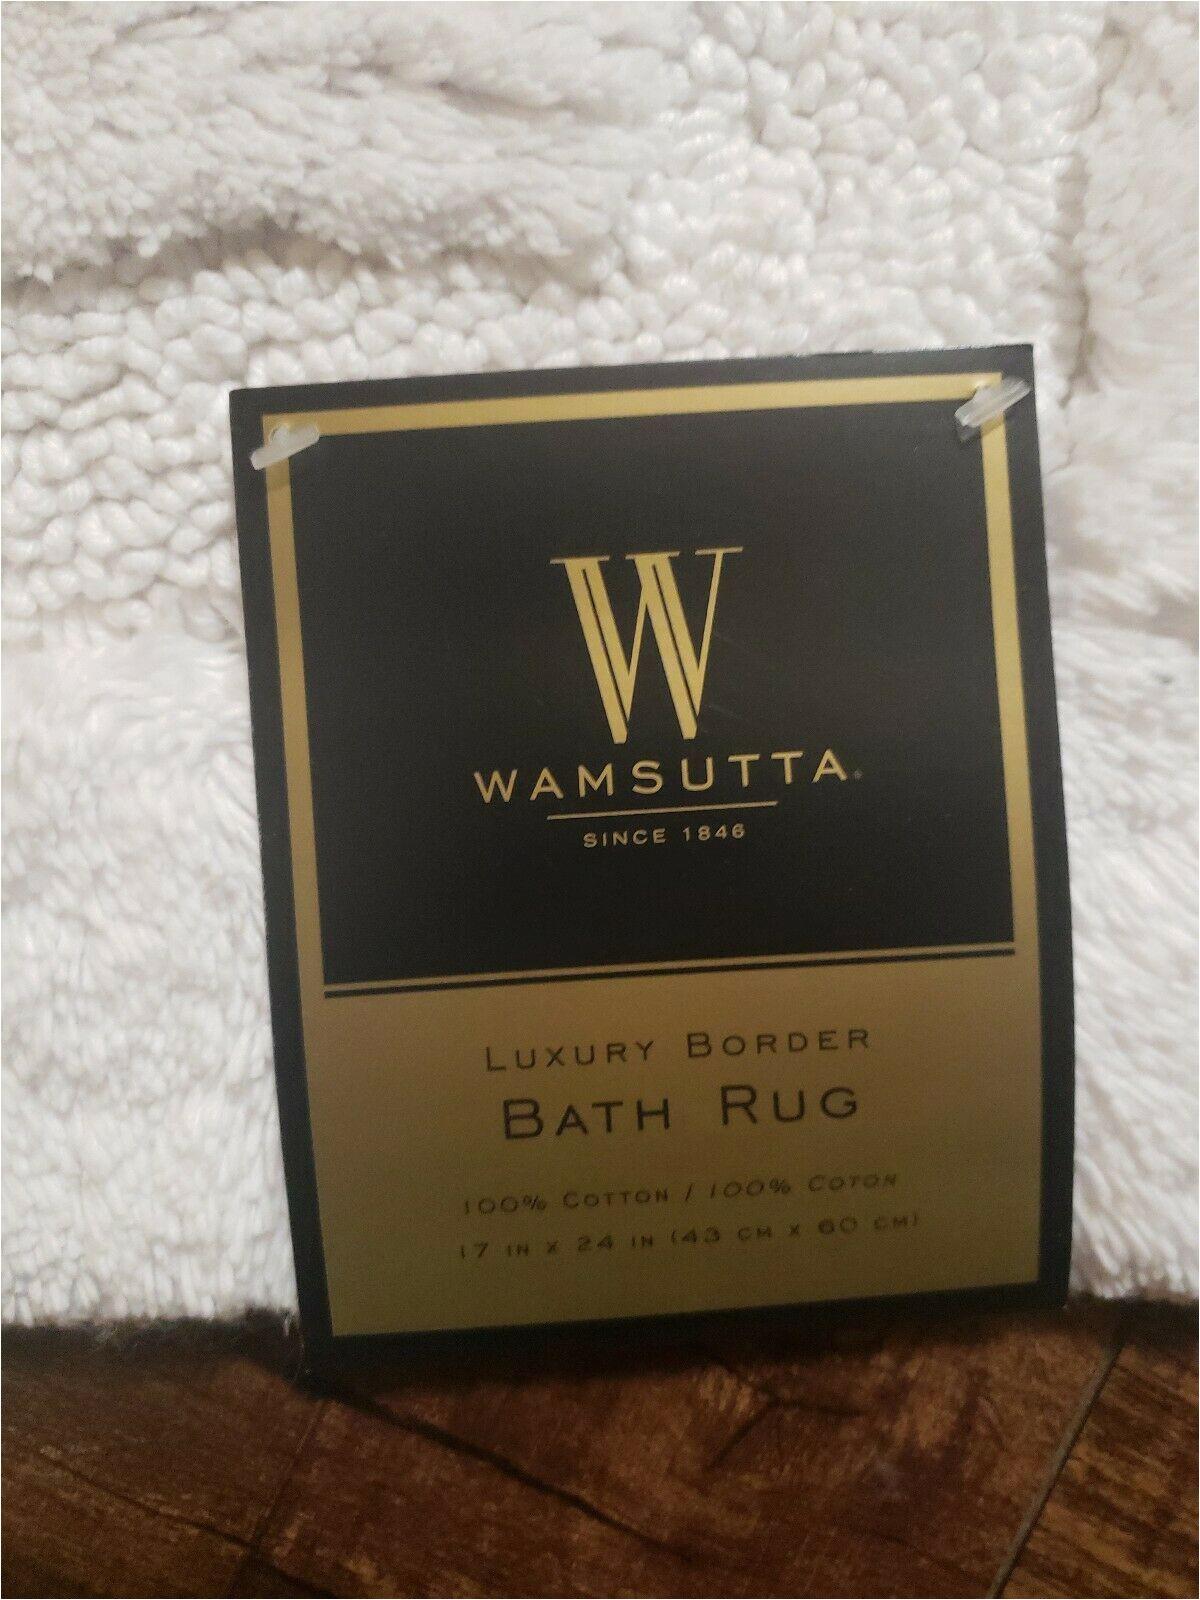 """Wamsutta Luxury Border Bath Rug Nwt Wamsutta Luxury Border Bath Rug 17""""x 24"""" White"""